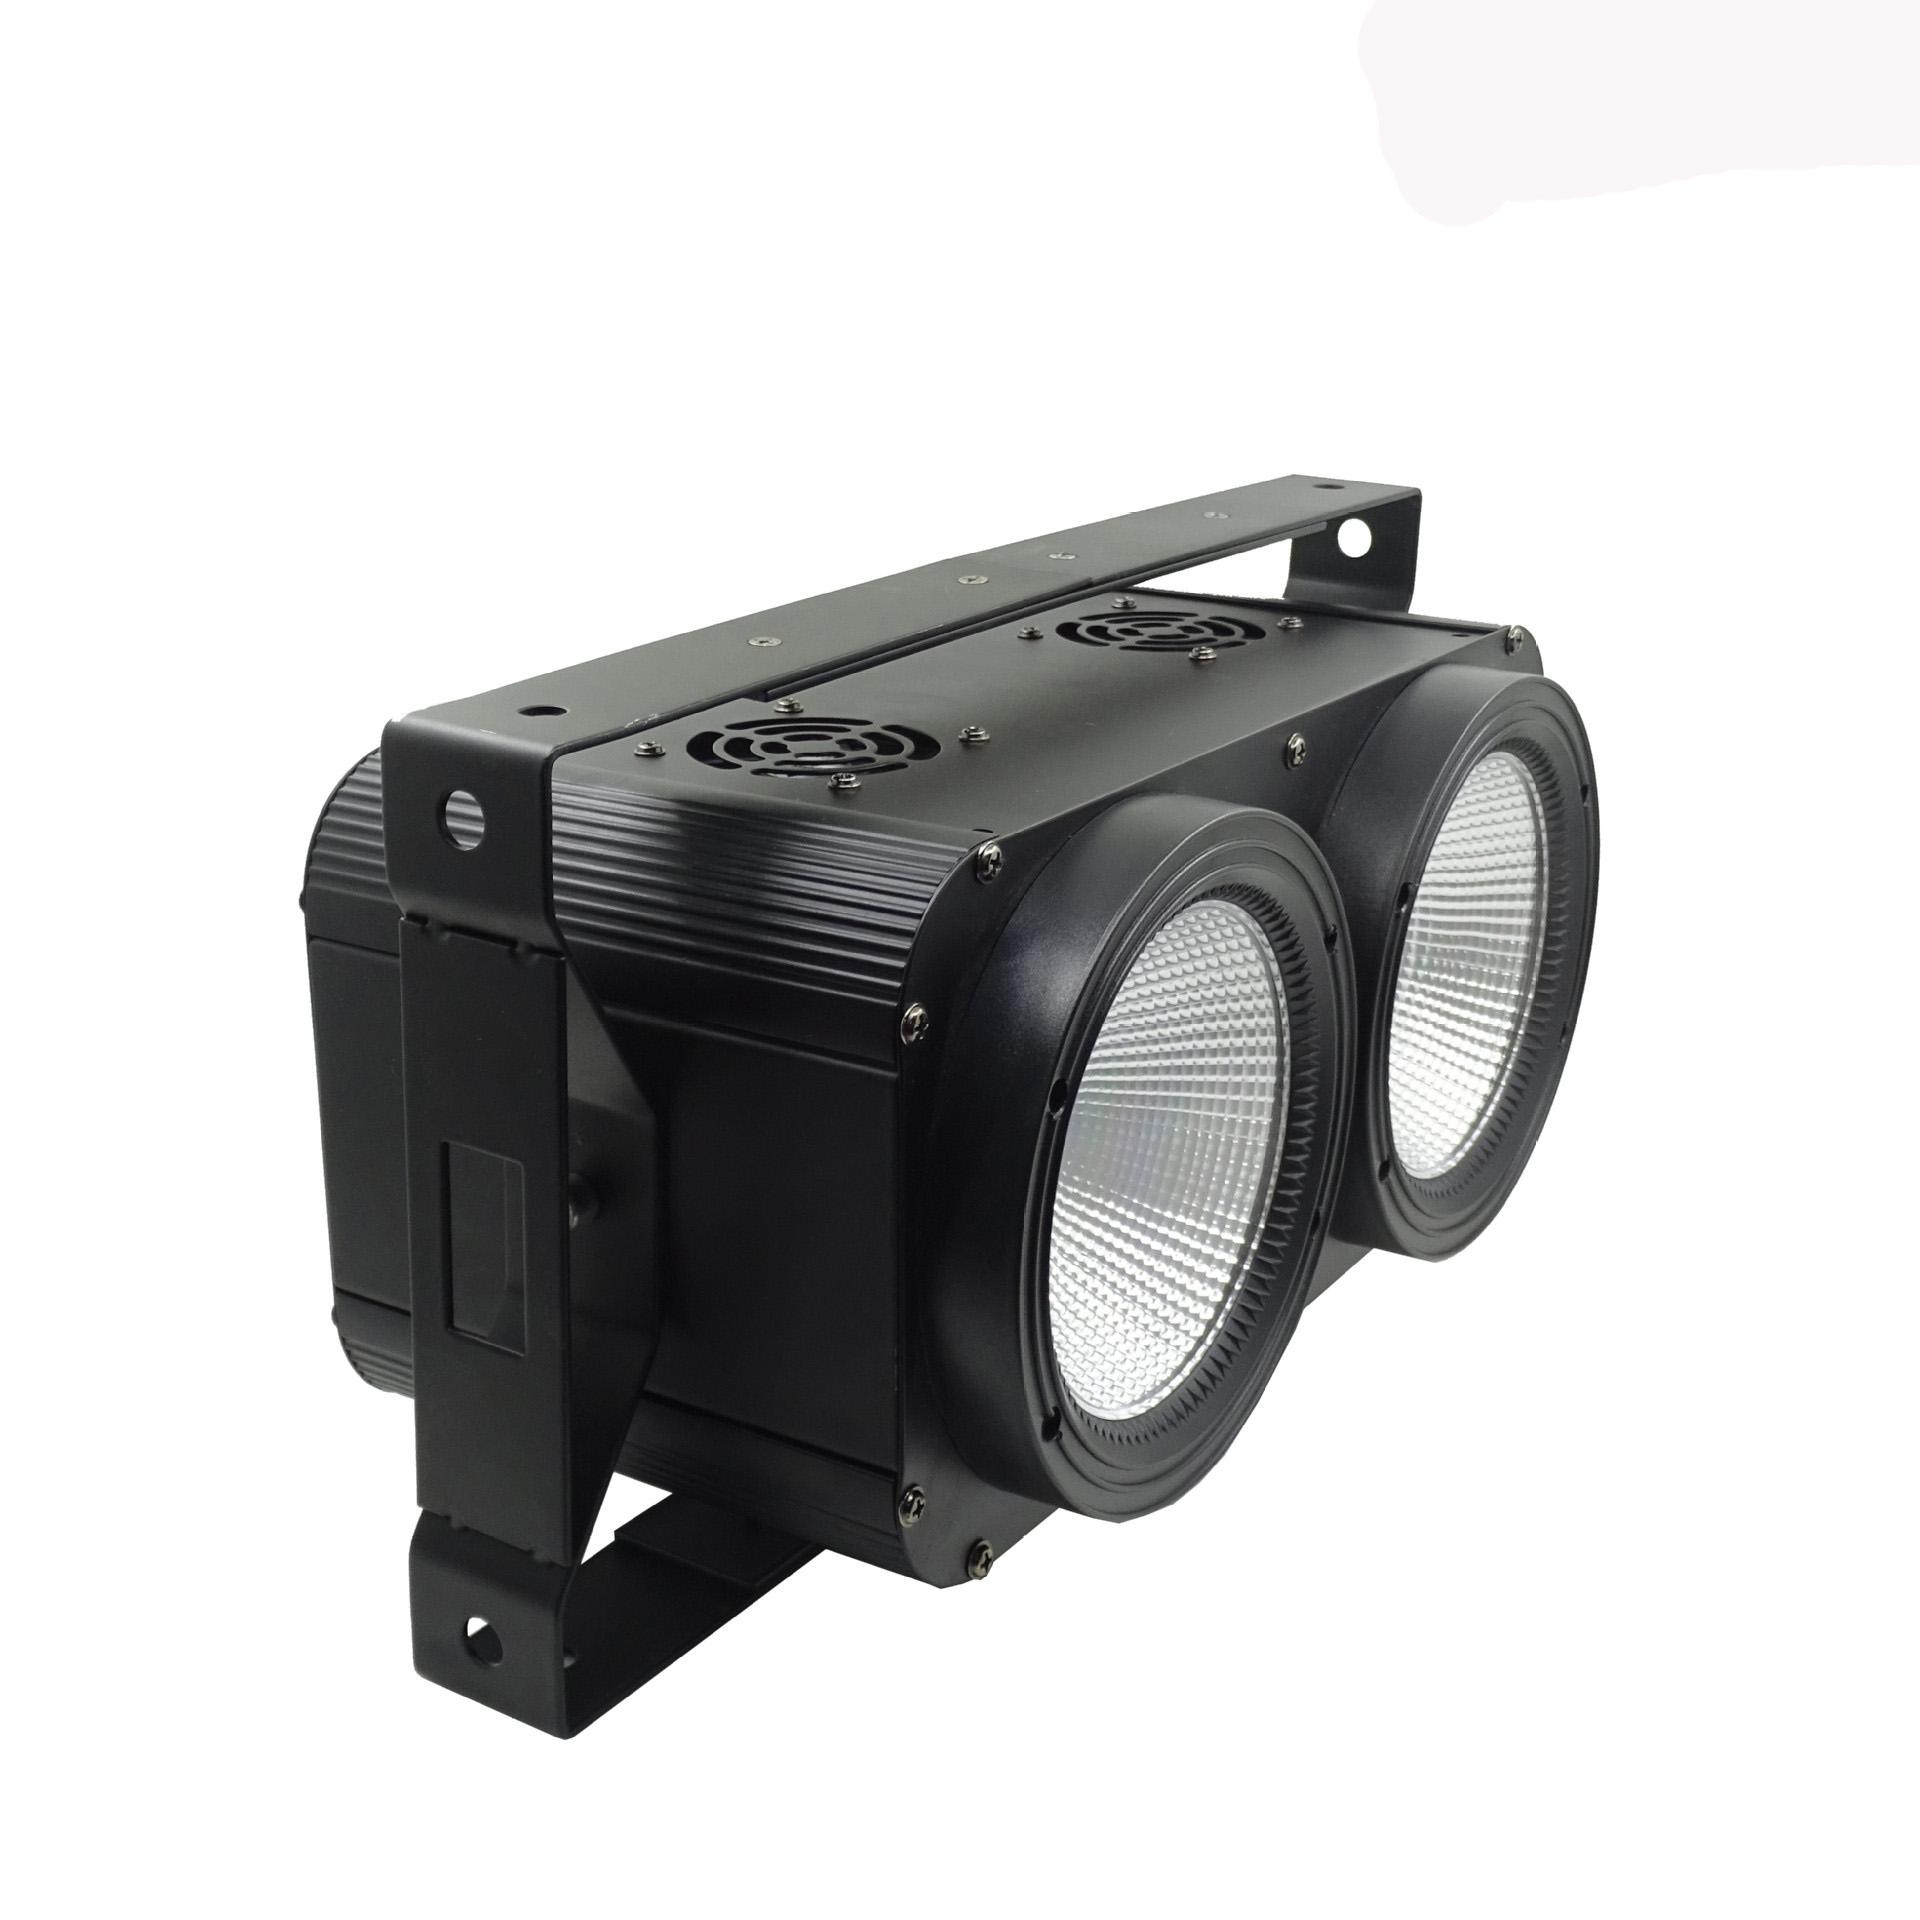 热销2眼200W观众灯,COB2合1冷白/暖白,2眼LED观众灯舞台影视面光灯,广州LED观众灯厂家直销